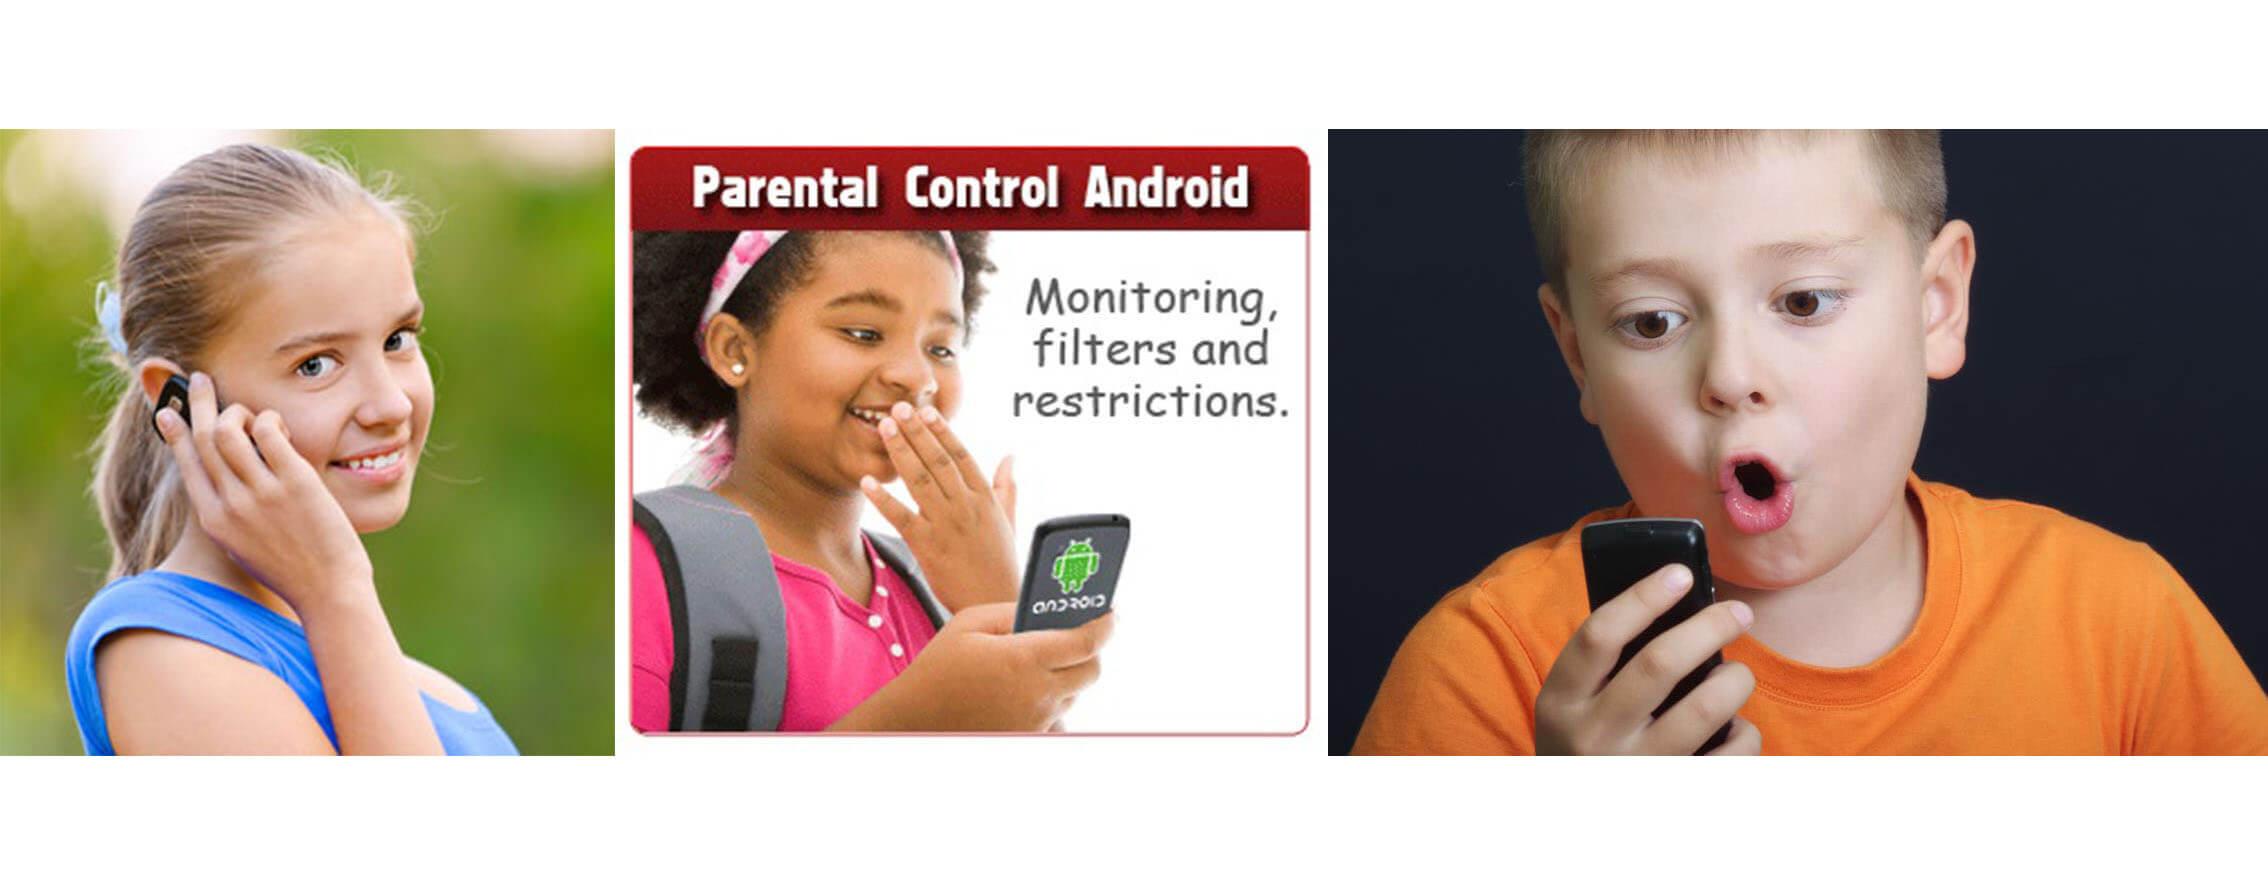 Parental app